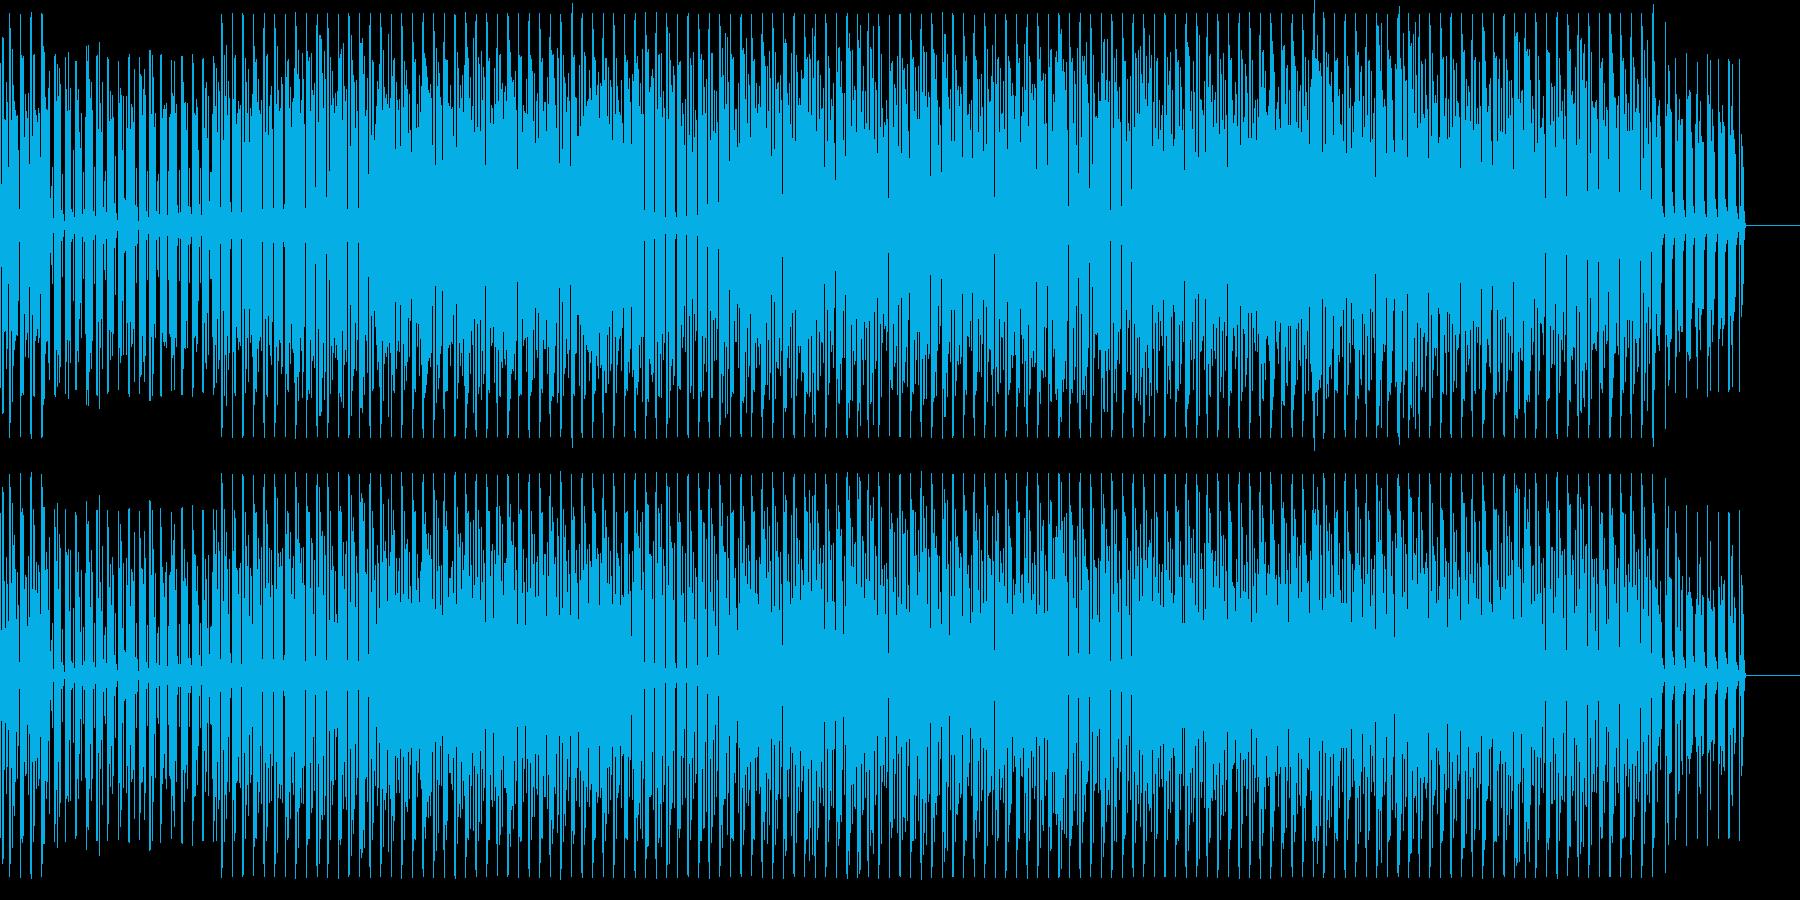 twe_rocs_127の再生済みの波形